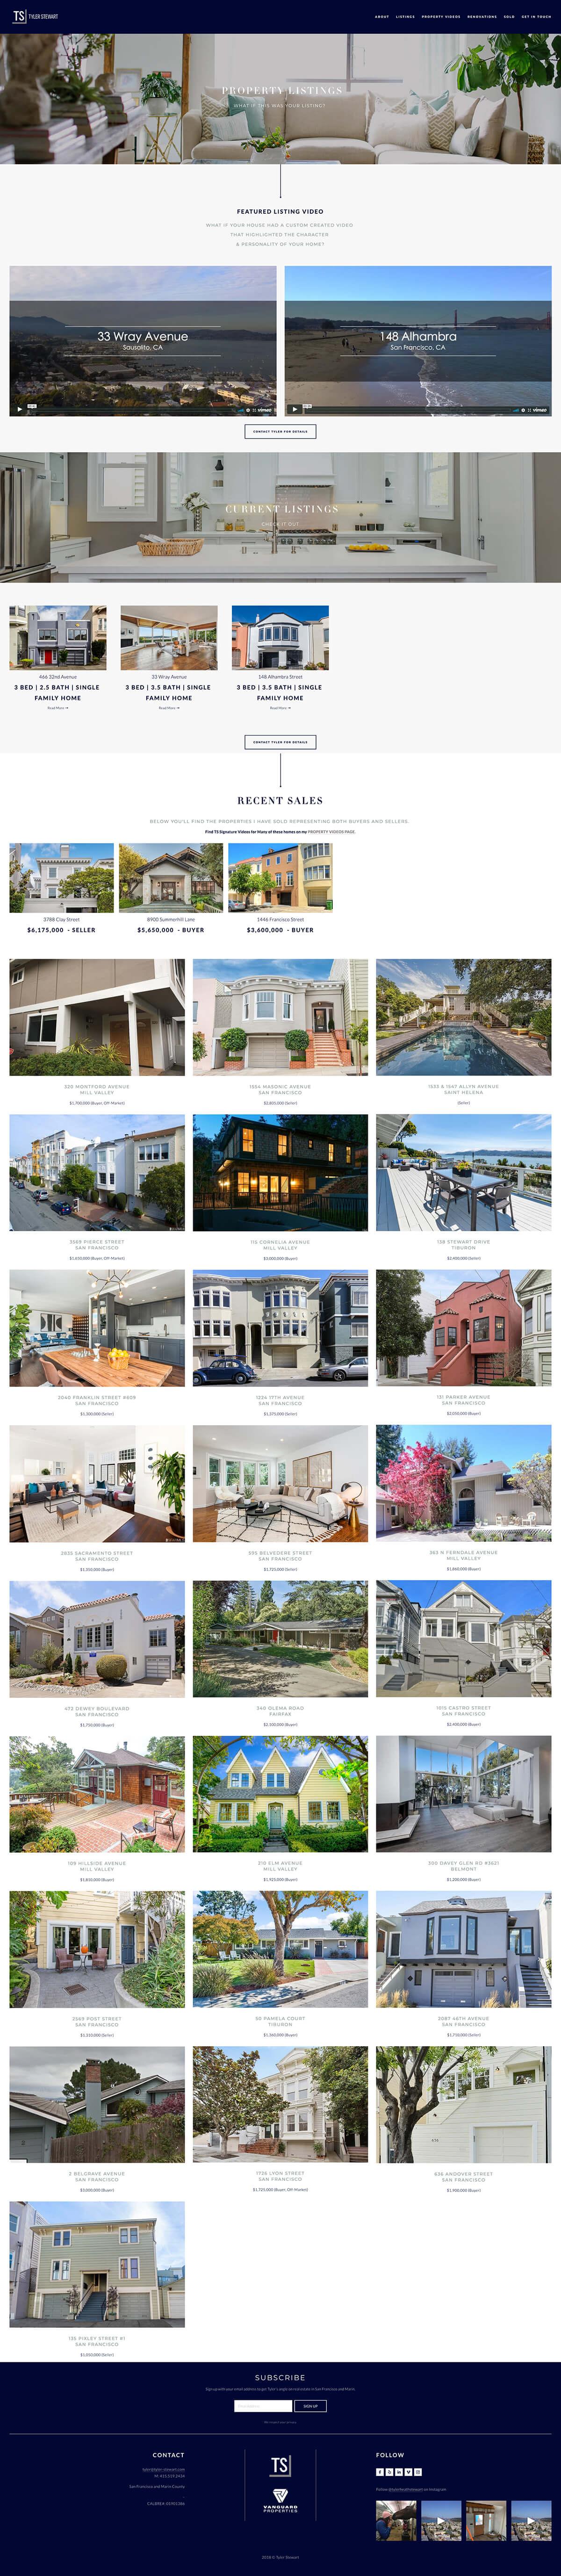 listings-tyler-page-website.jpg